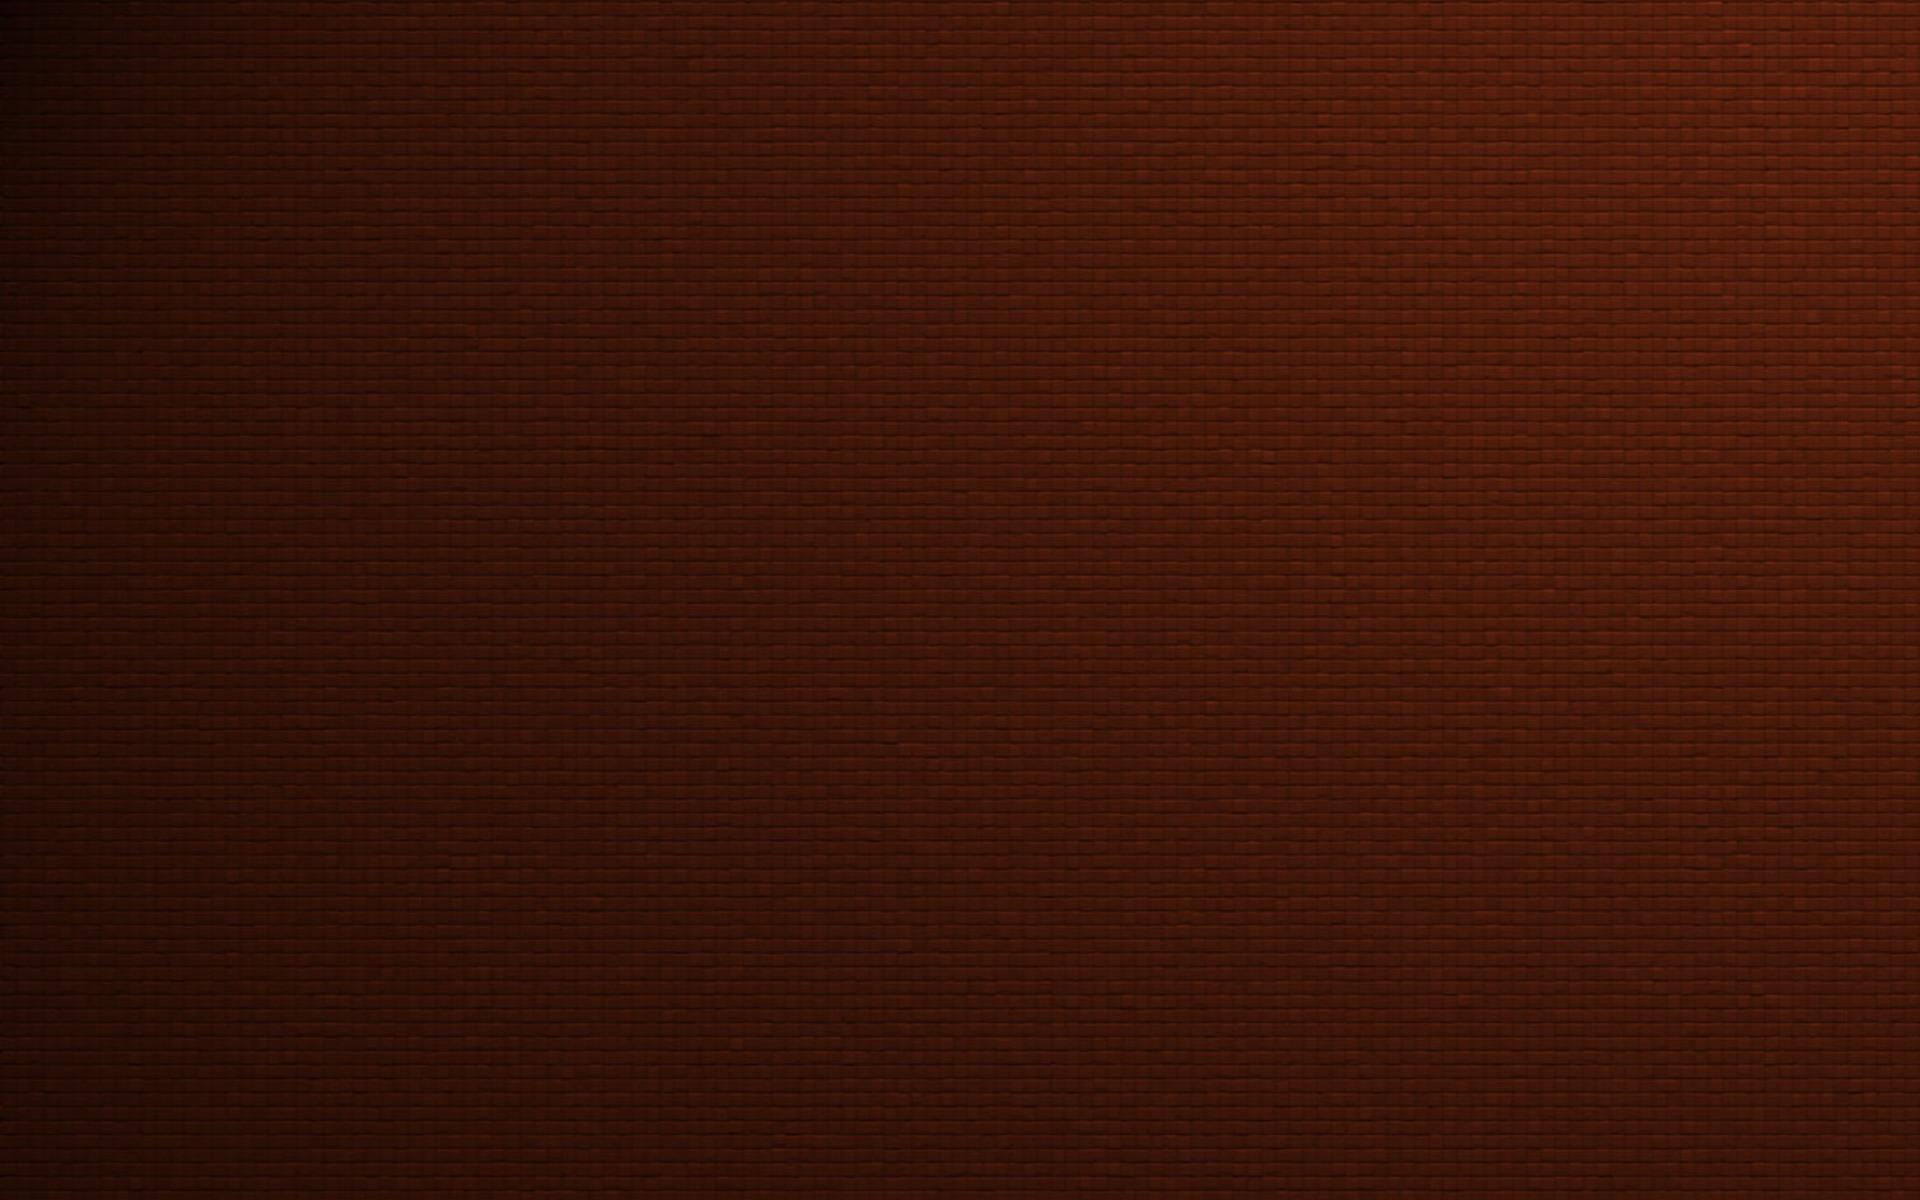 Brown wallpapers wallpapersafari - Browning wallpaper ...